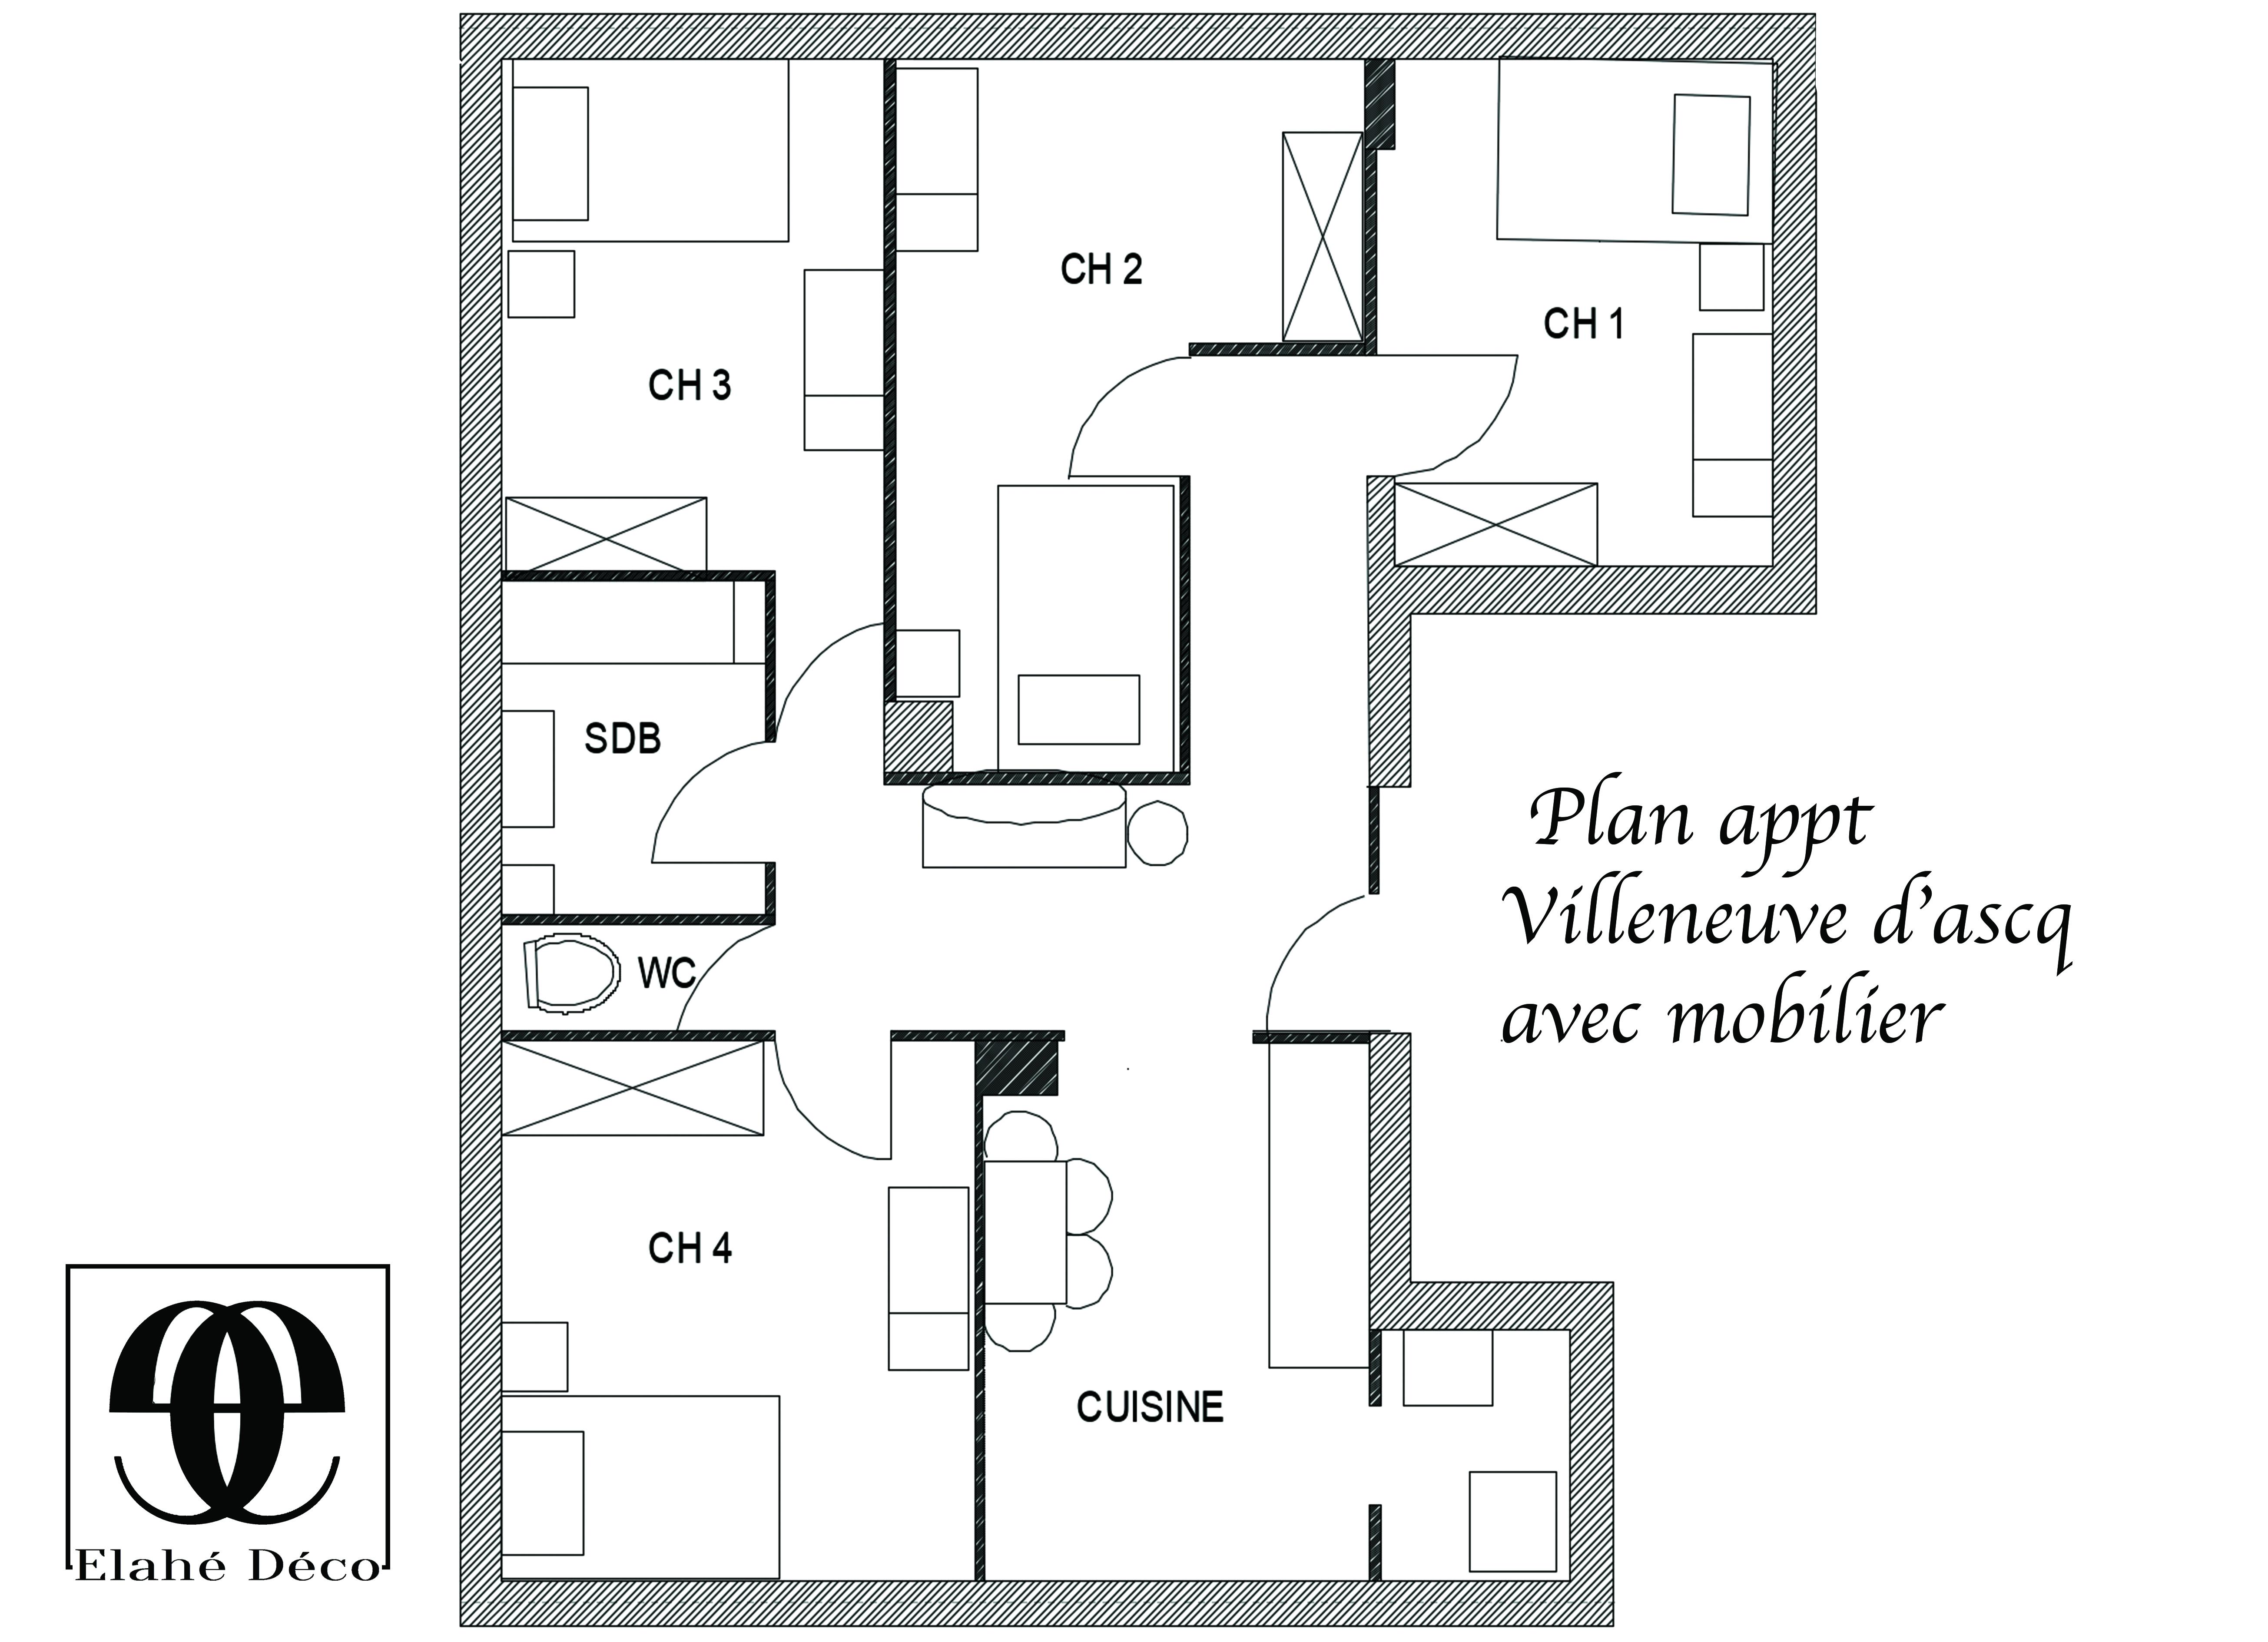 plan d'un appartement à lille par Elahé deco avec mobilier